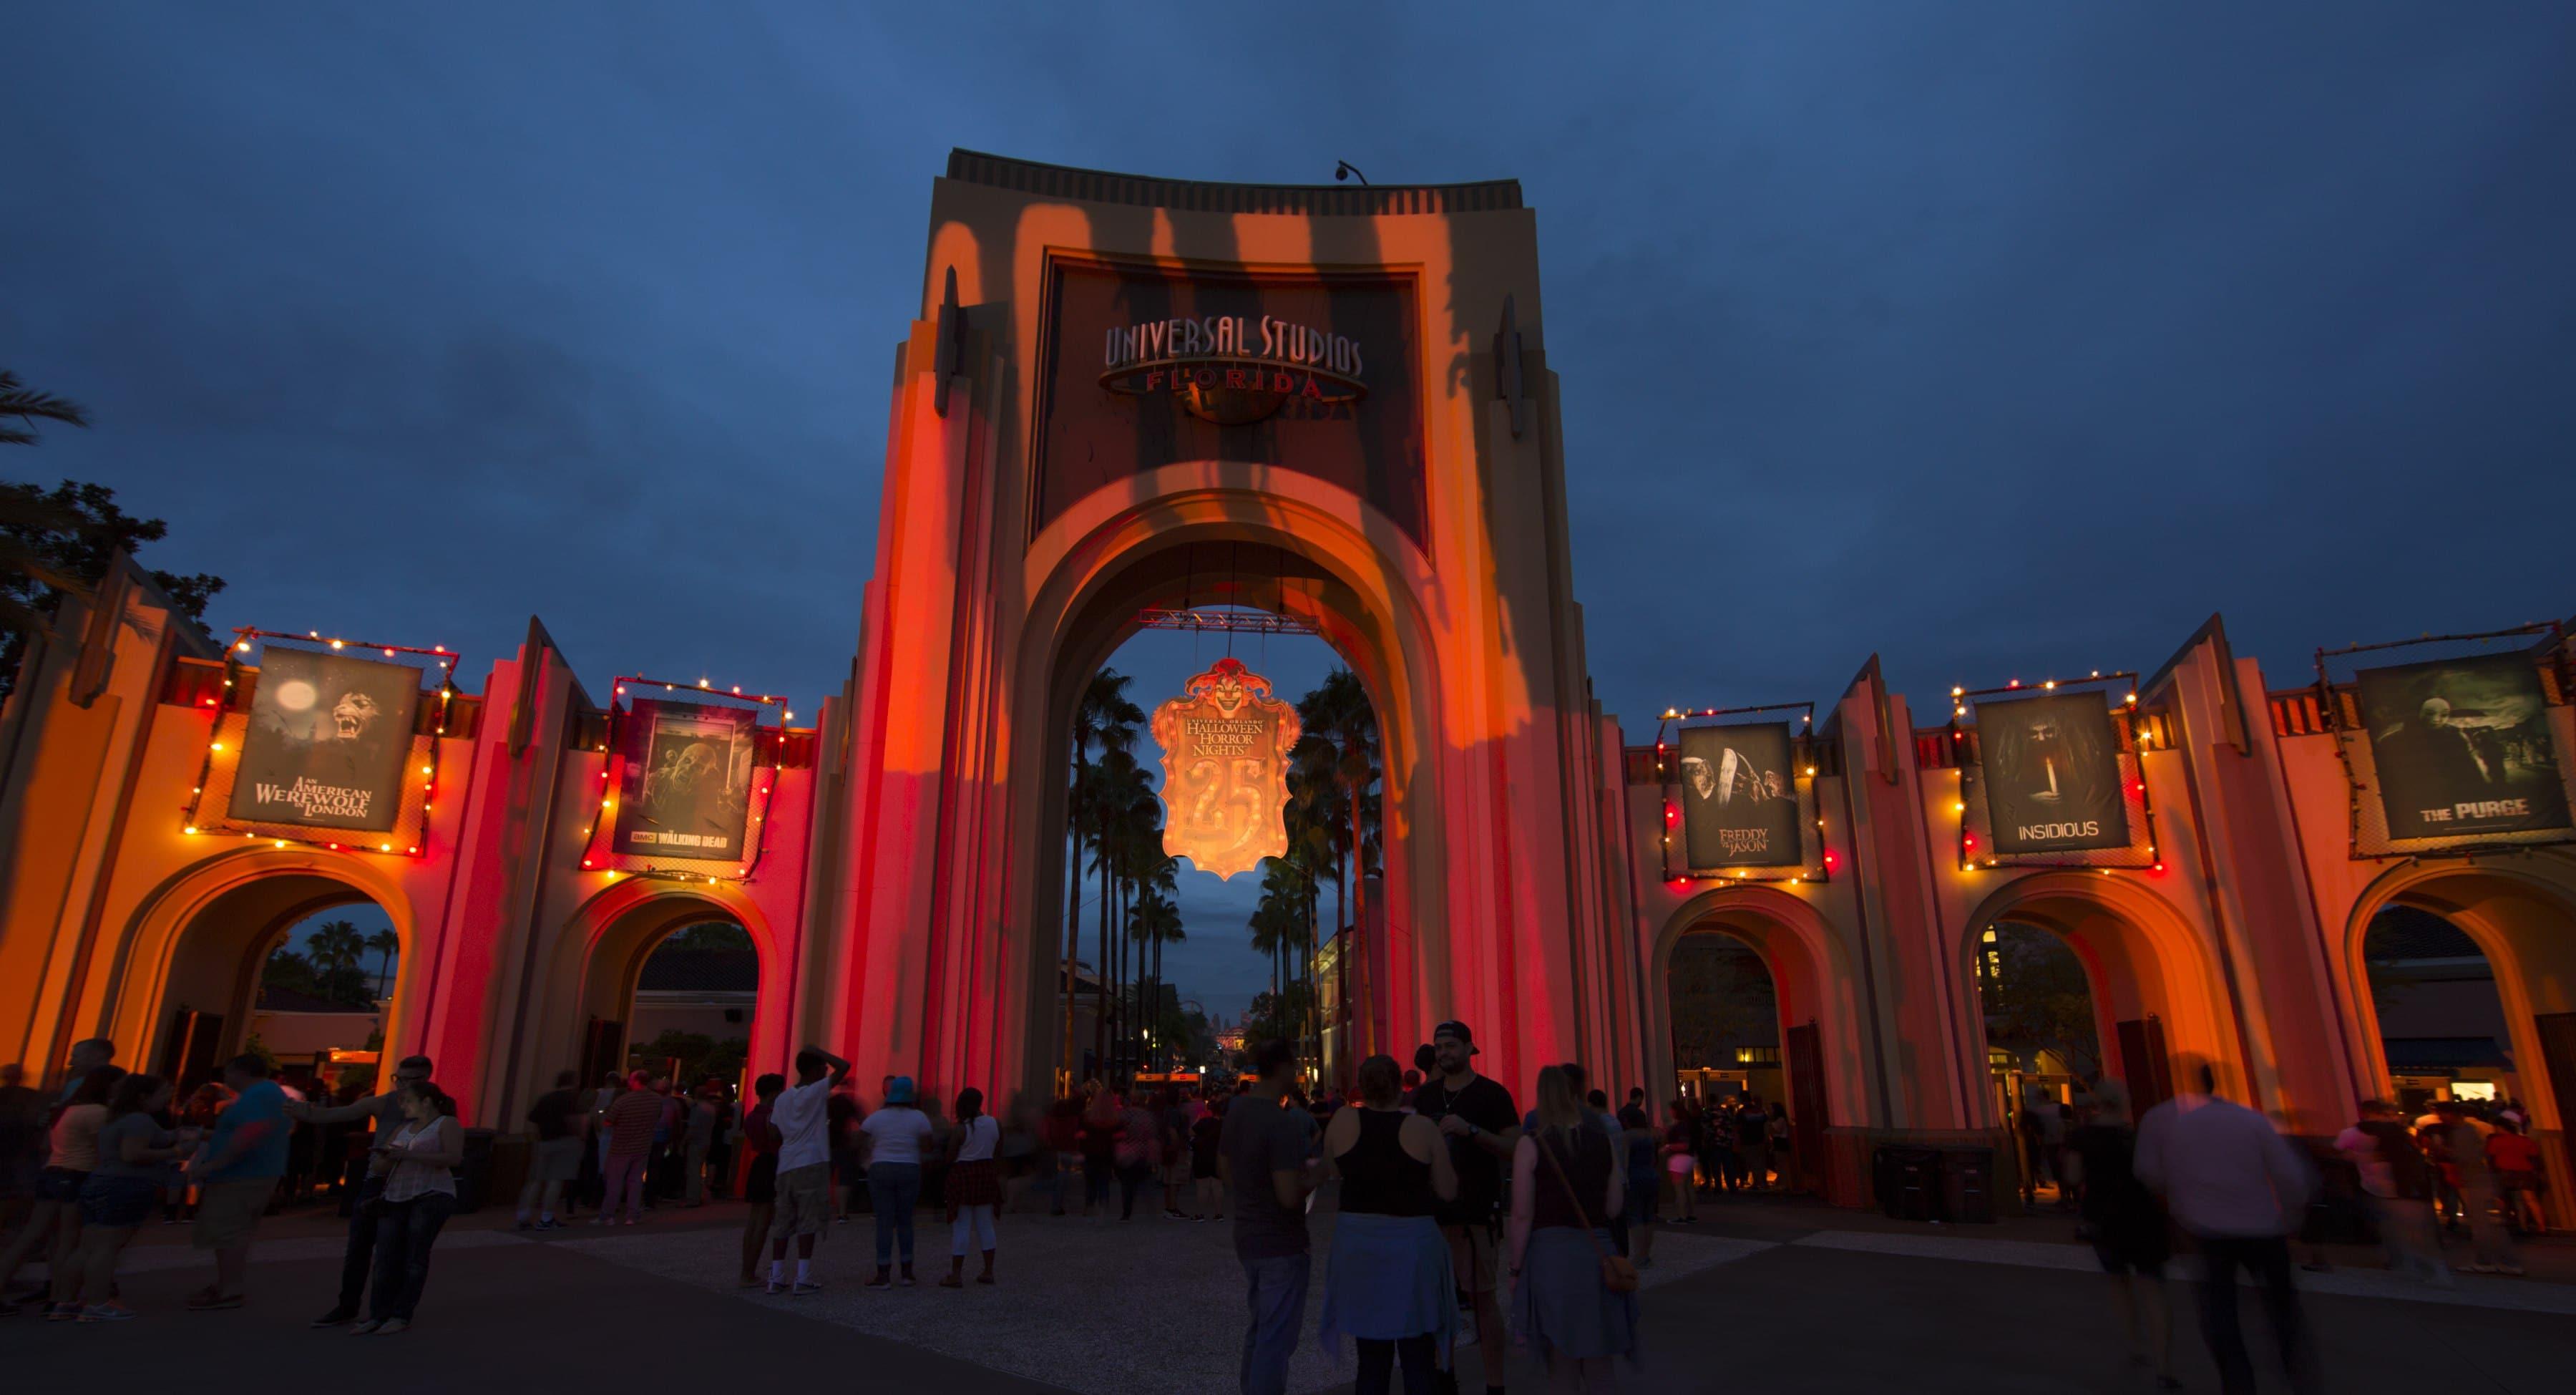 entrée d'universal studios en Floride pour la saison d'halloween